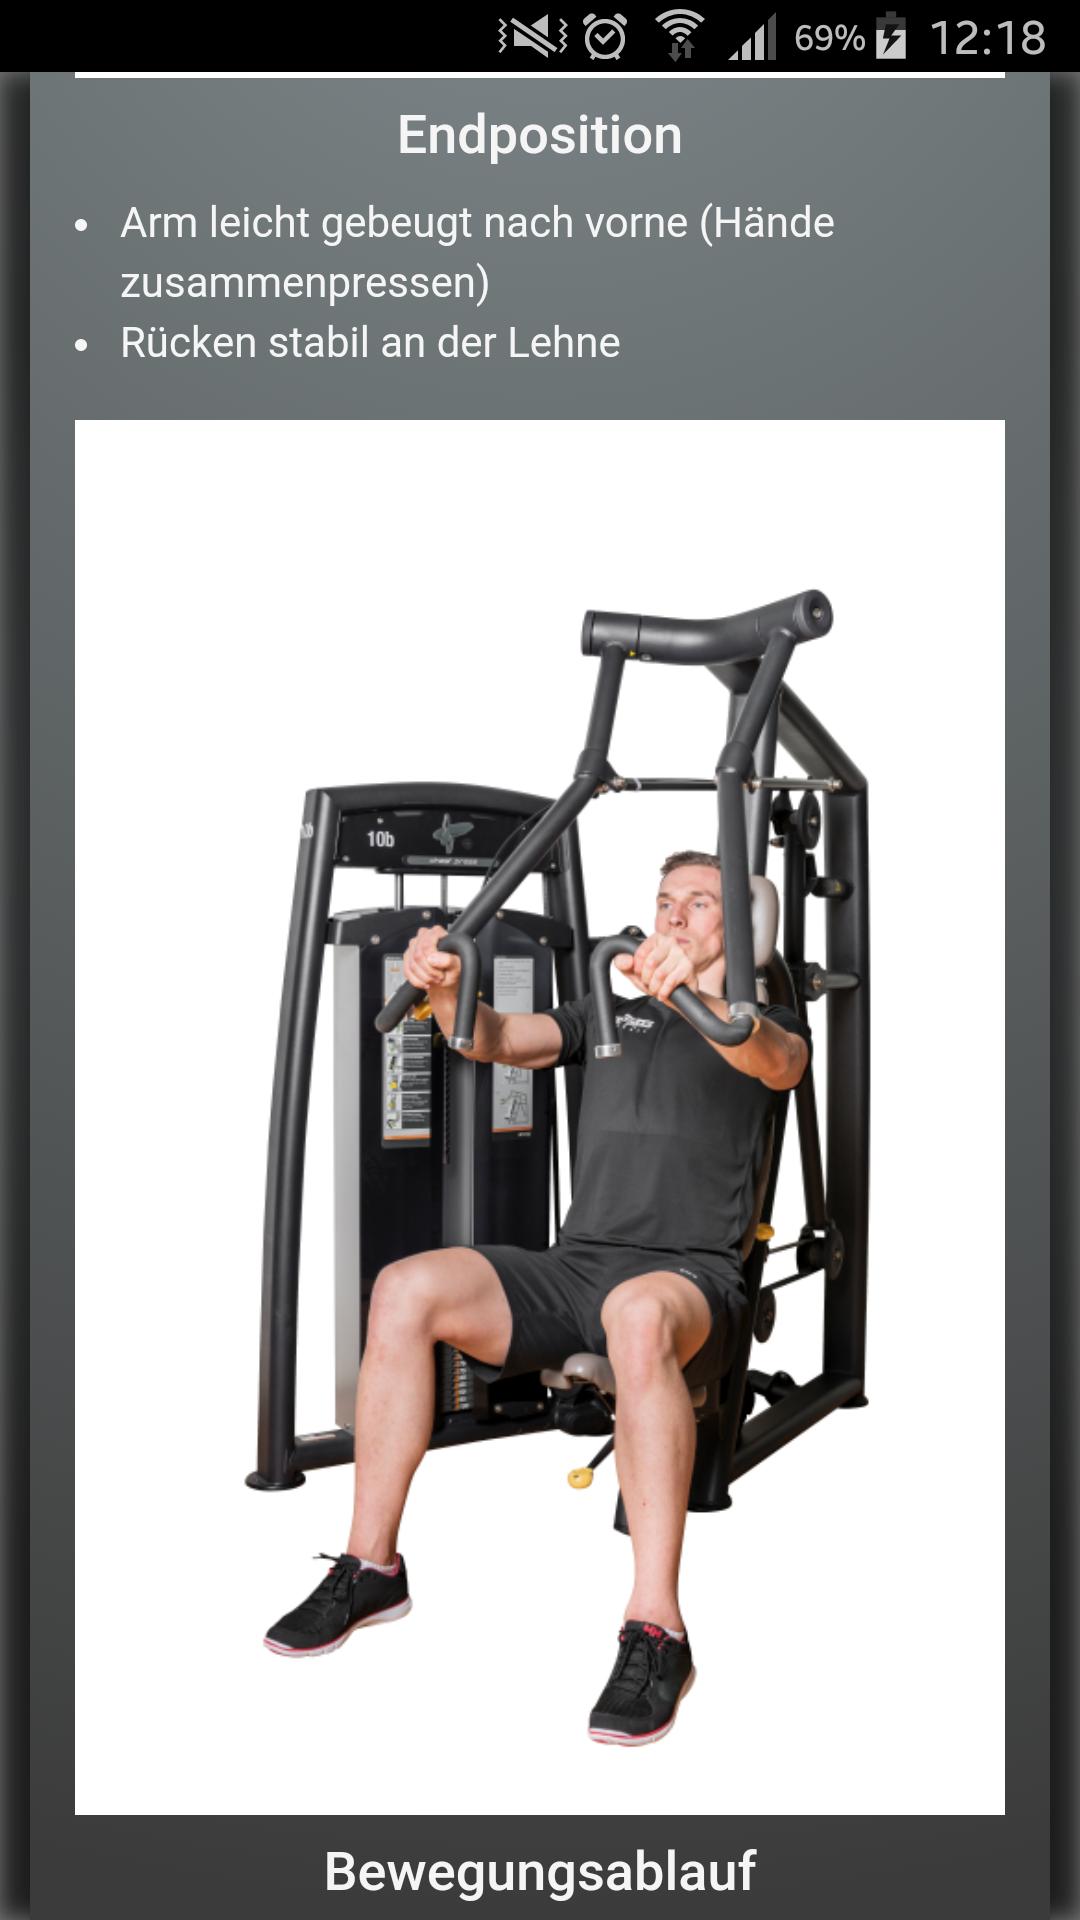 Design und Entwicklung Fitness-App - Trainingsanleitung